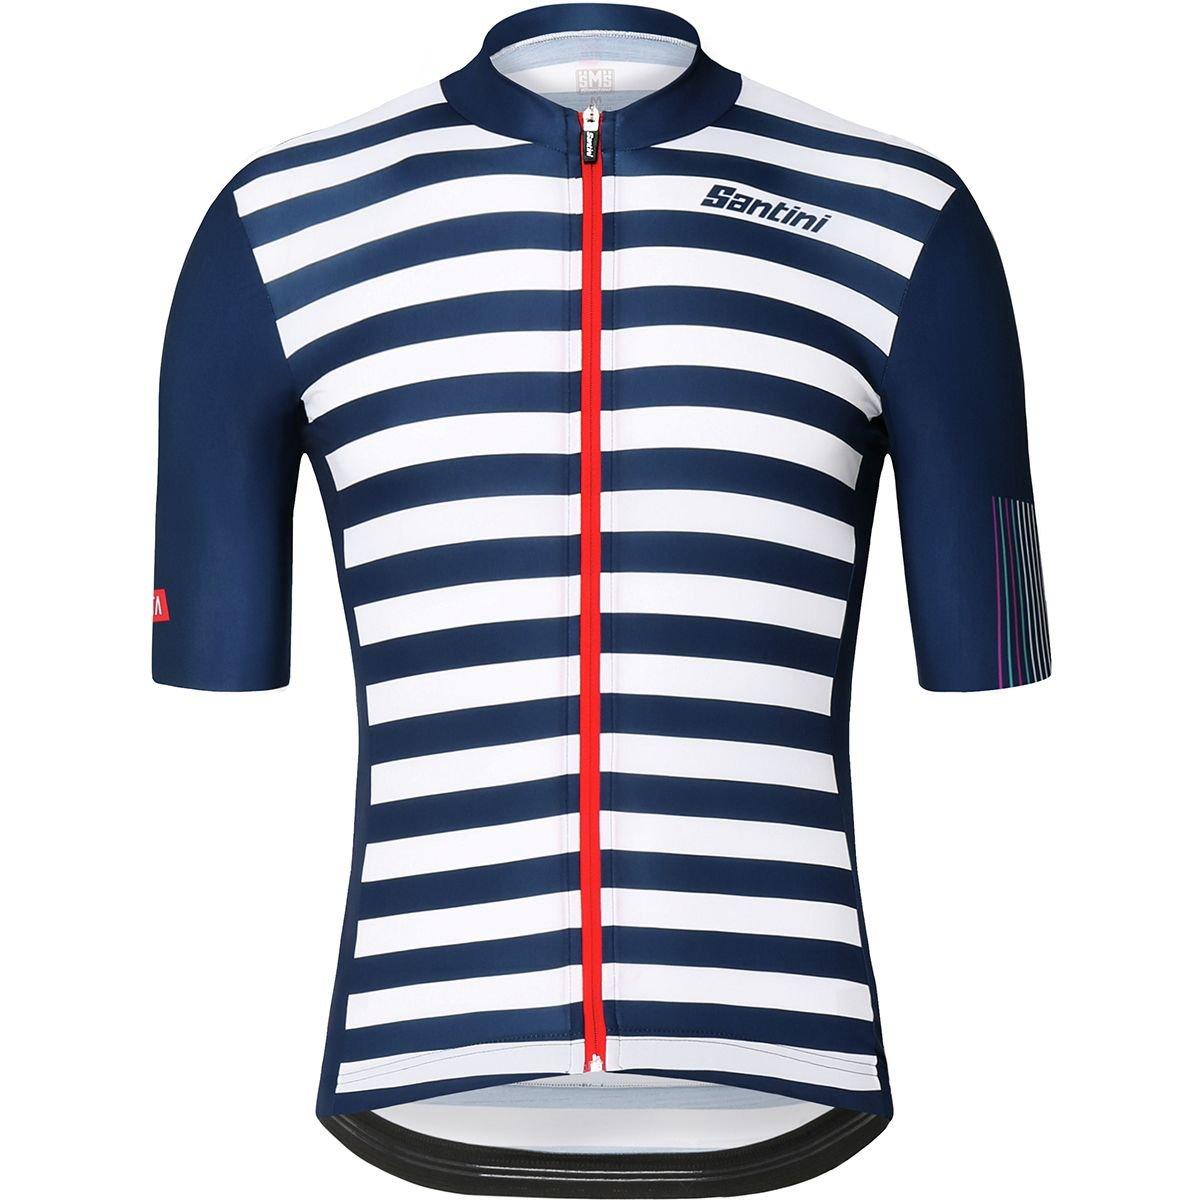 【海外限定】 Santini Malaga 's Rider Jersey B07FDTRB63 – Men 's Small 1色 Jersey B07FDTRB63, SportsHEART-スポーツハート:f3cad822 --- martinemoeykens-com.access.secure-ssl-servers.info